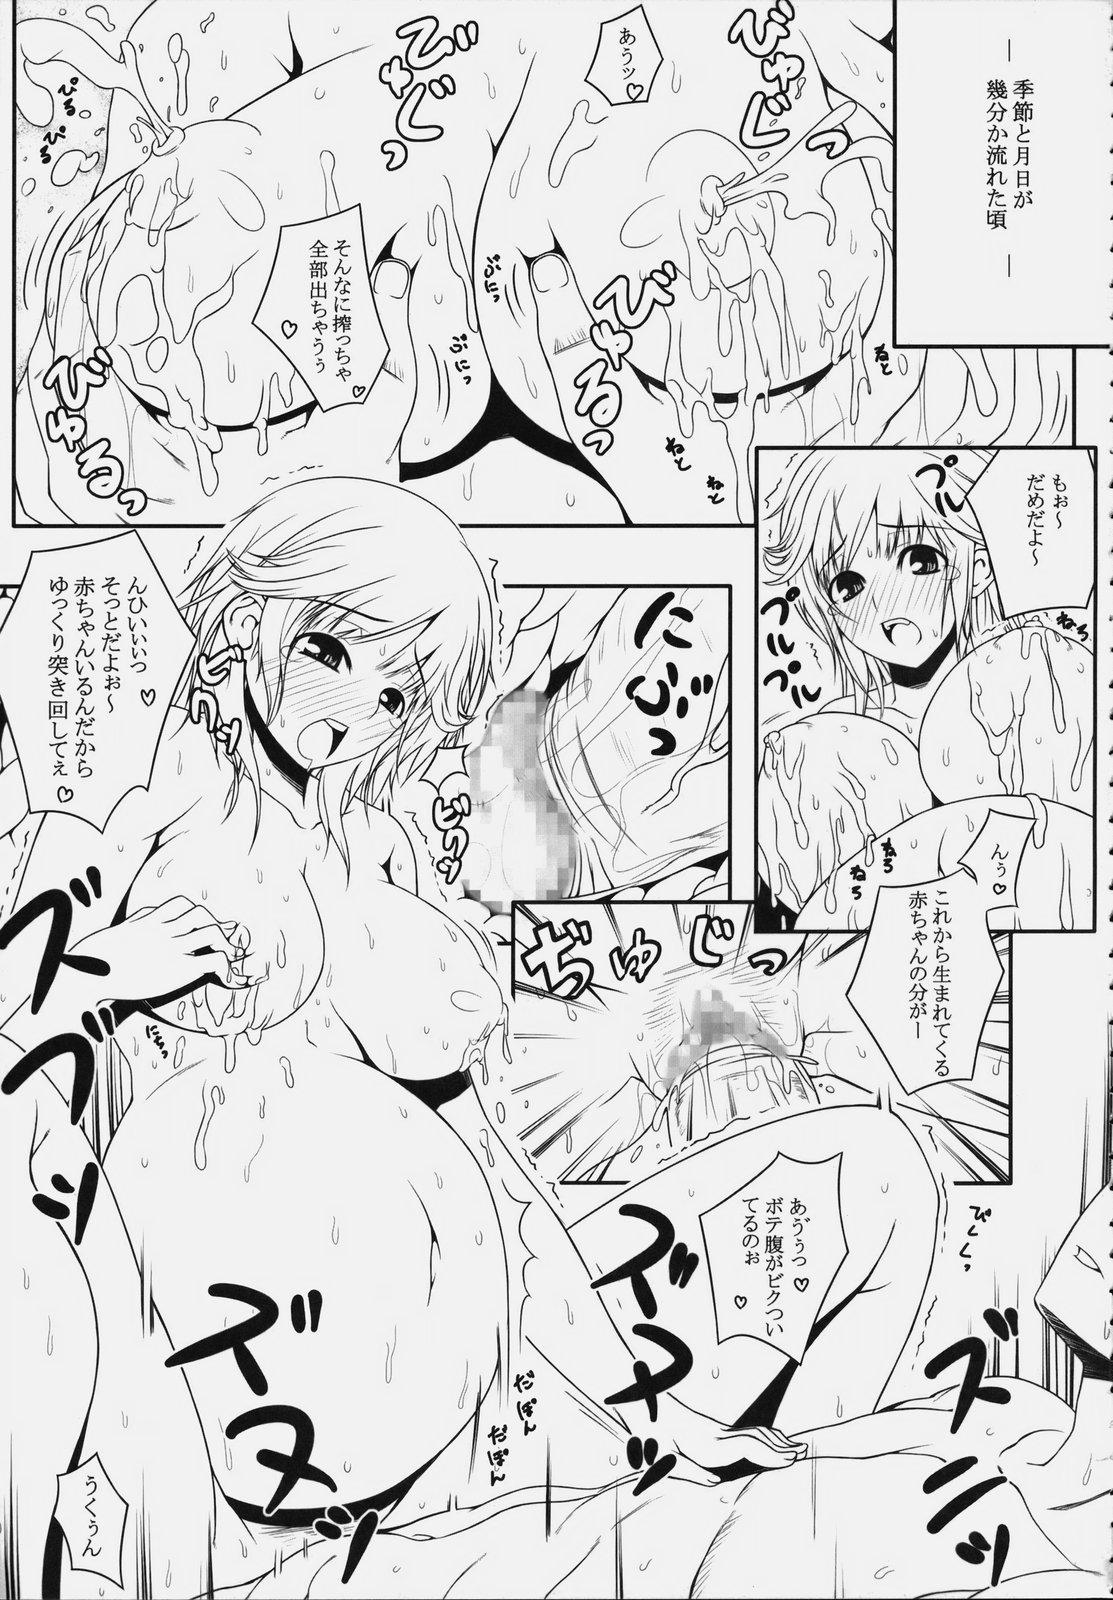 【エロ漫画】巨乳梨穂子がパイズリして濃厚セックスでアヘ顔しまくり中出しされちゃってますwwwww